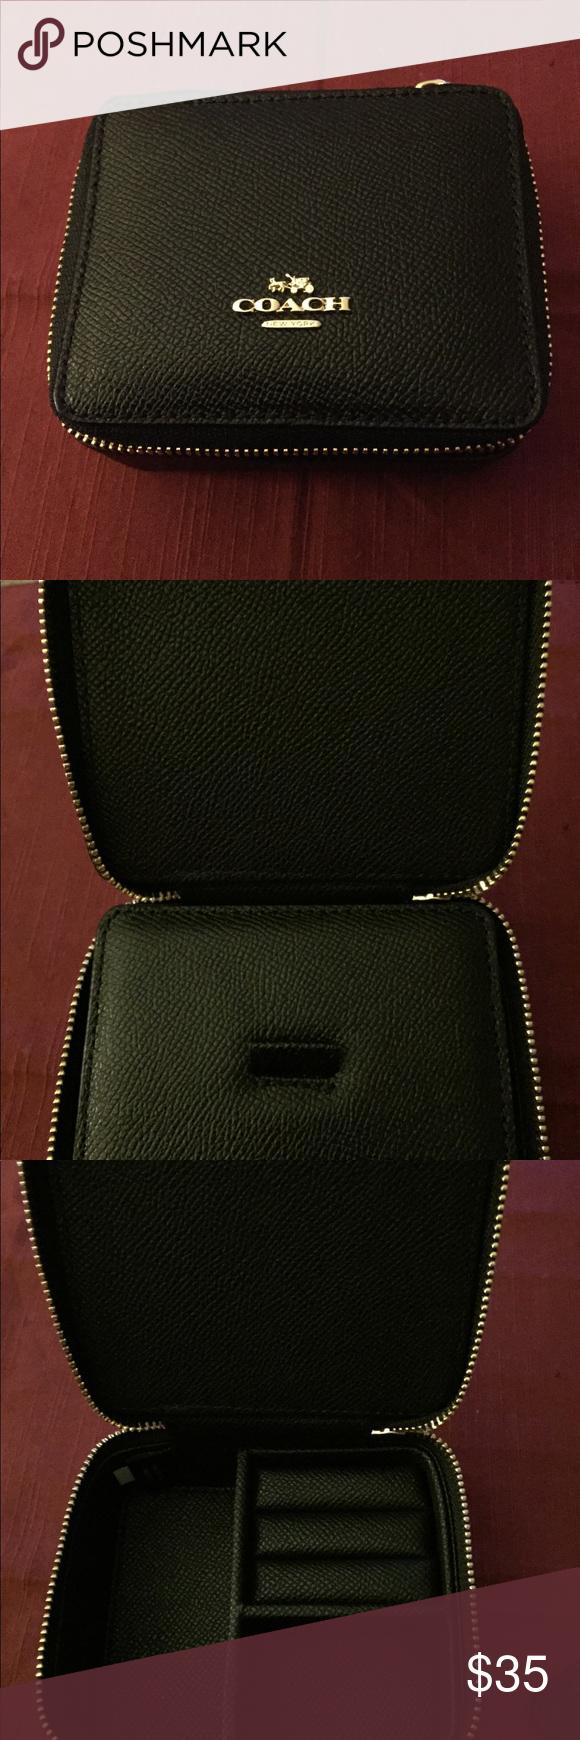 Coach jewelry box nwt Coach jewelry Box and Bracelets